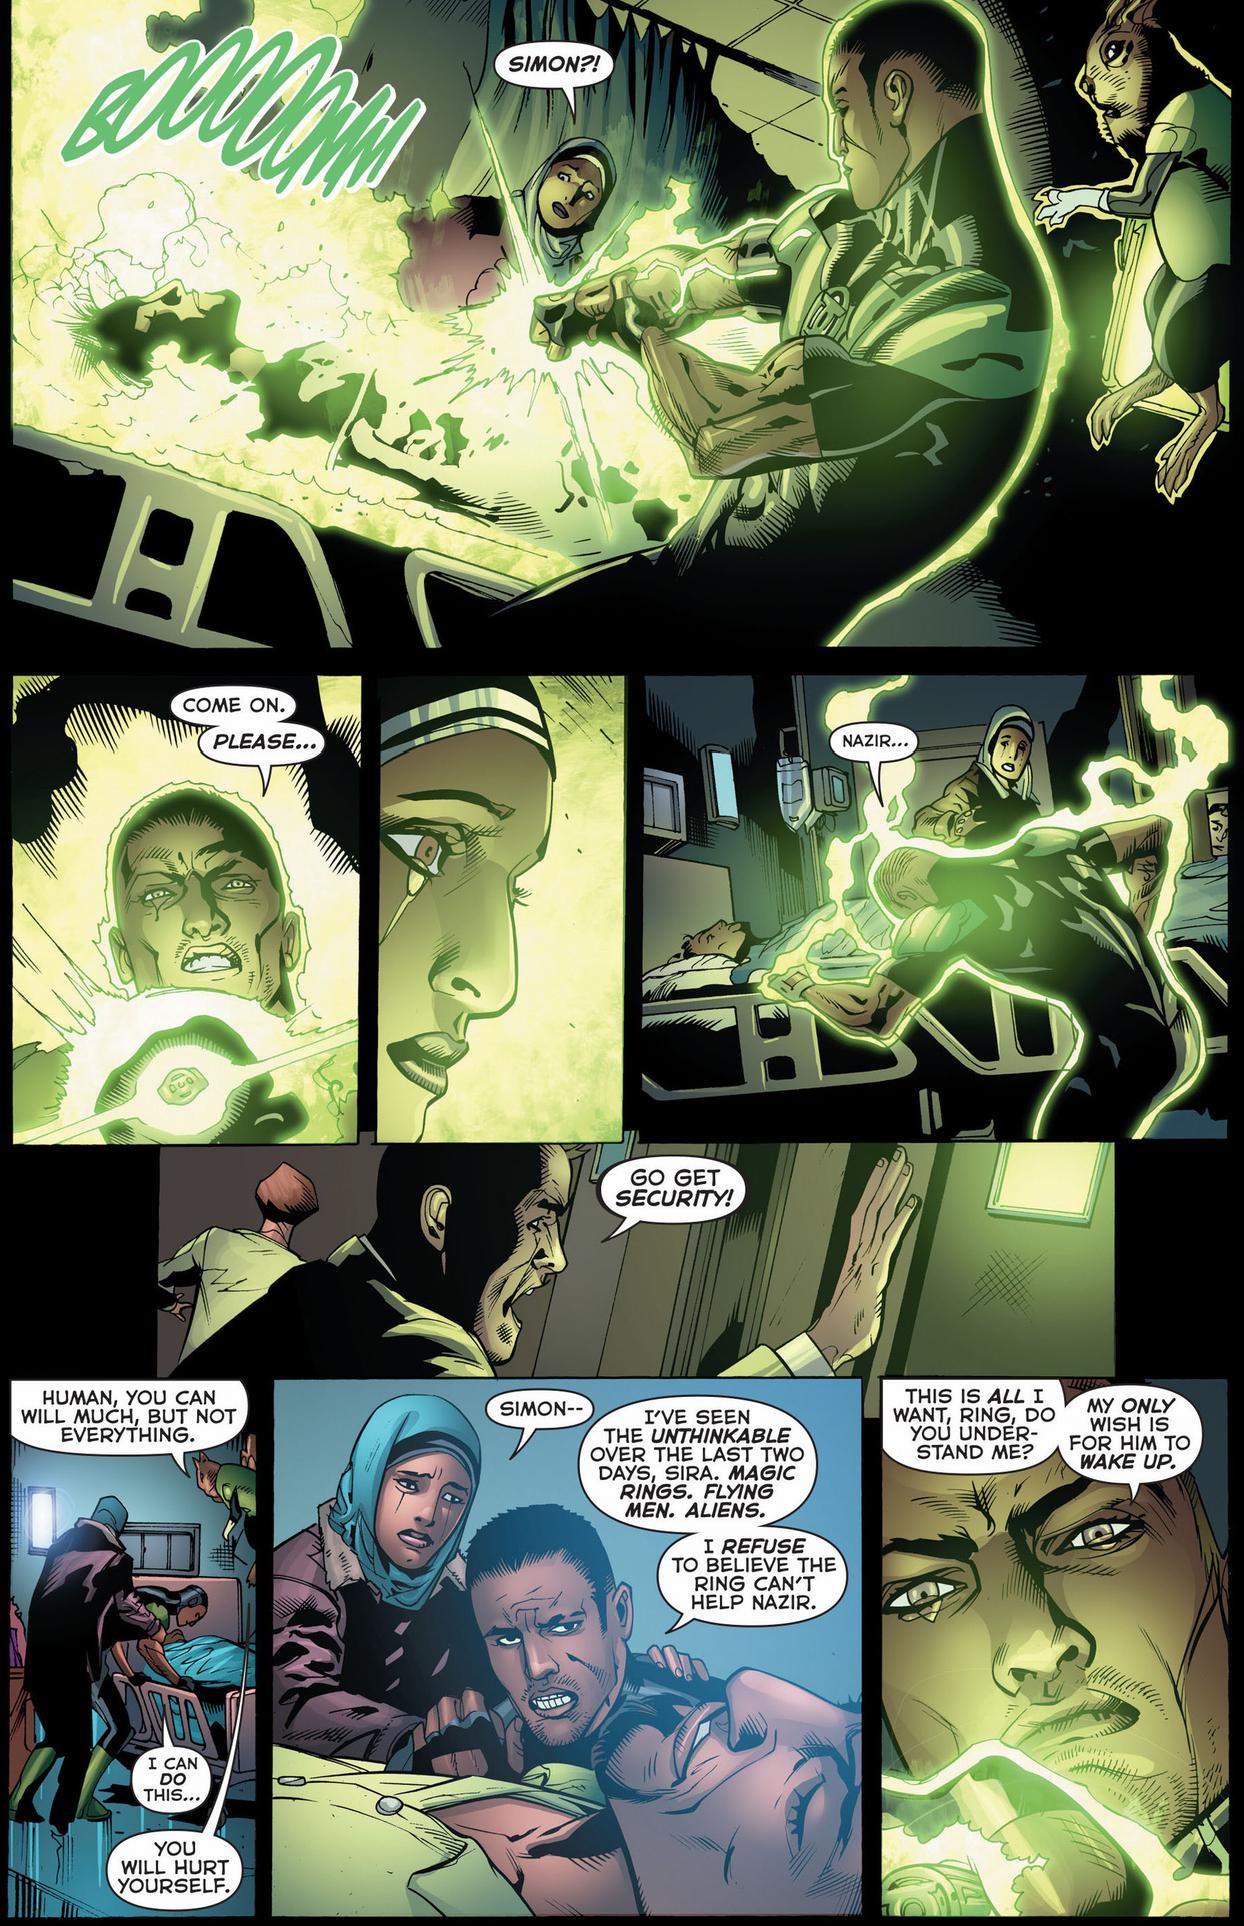 green-lantern-simon-baz-can-heal